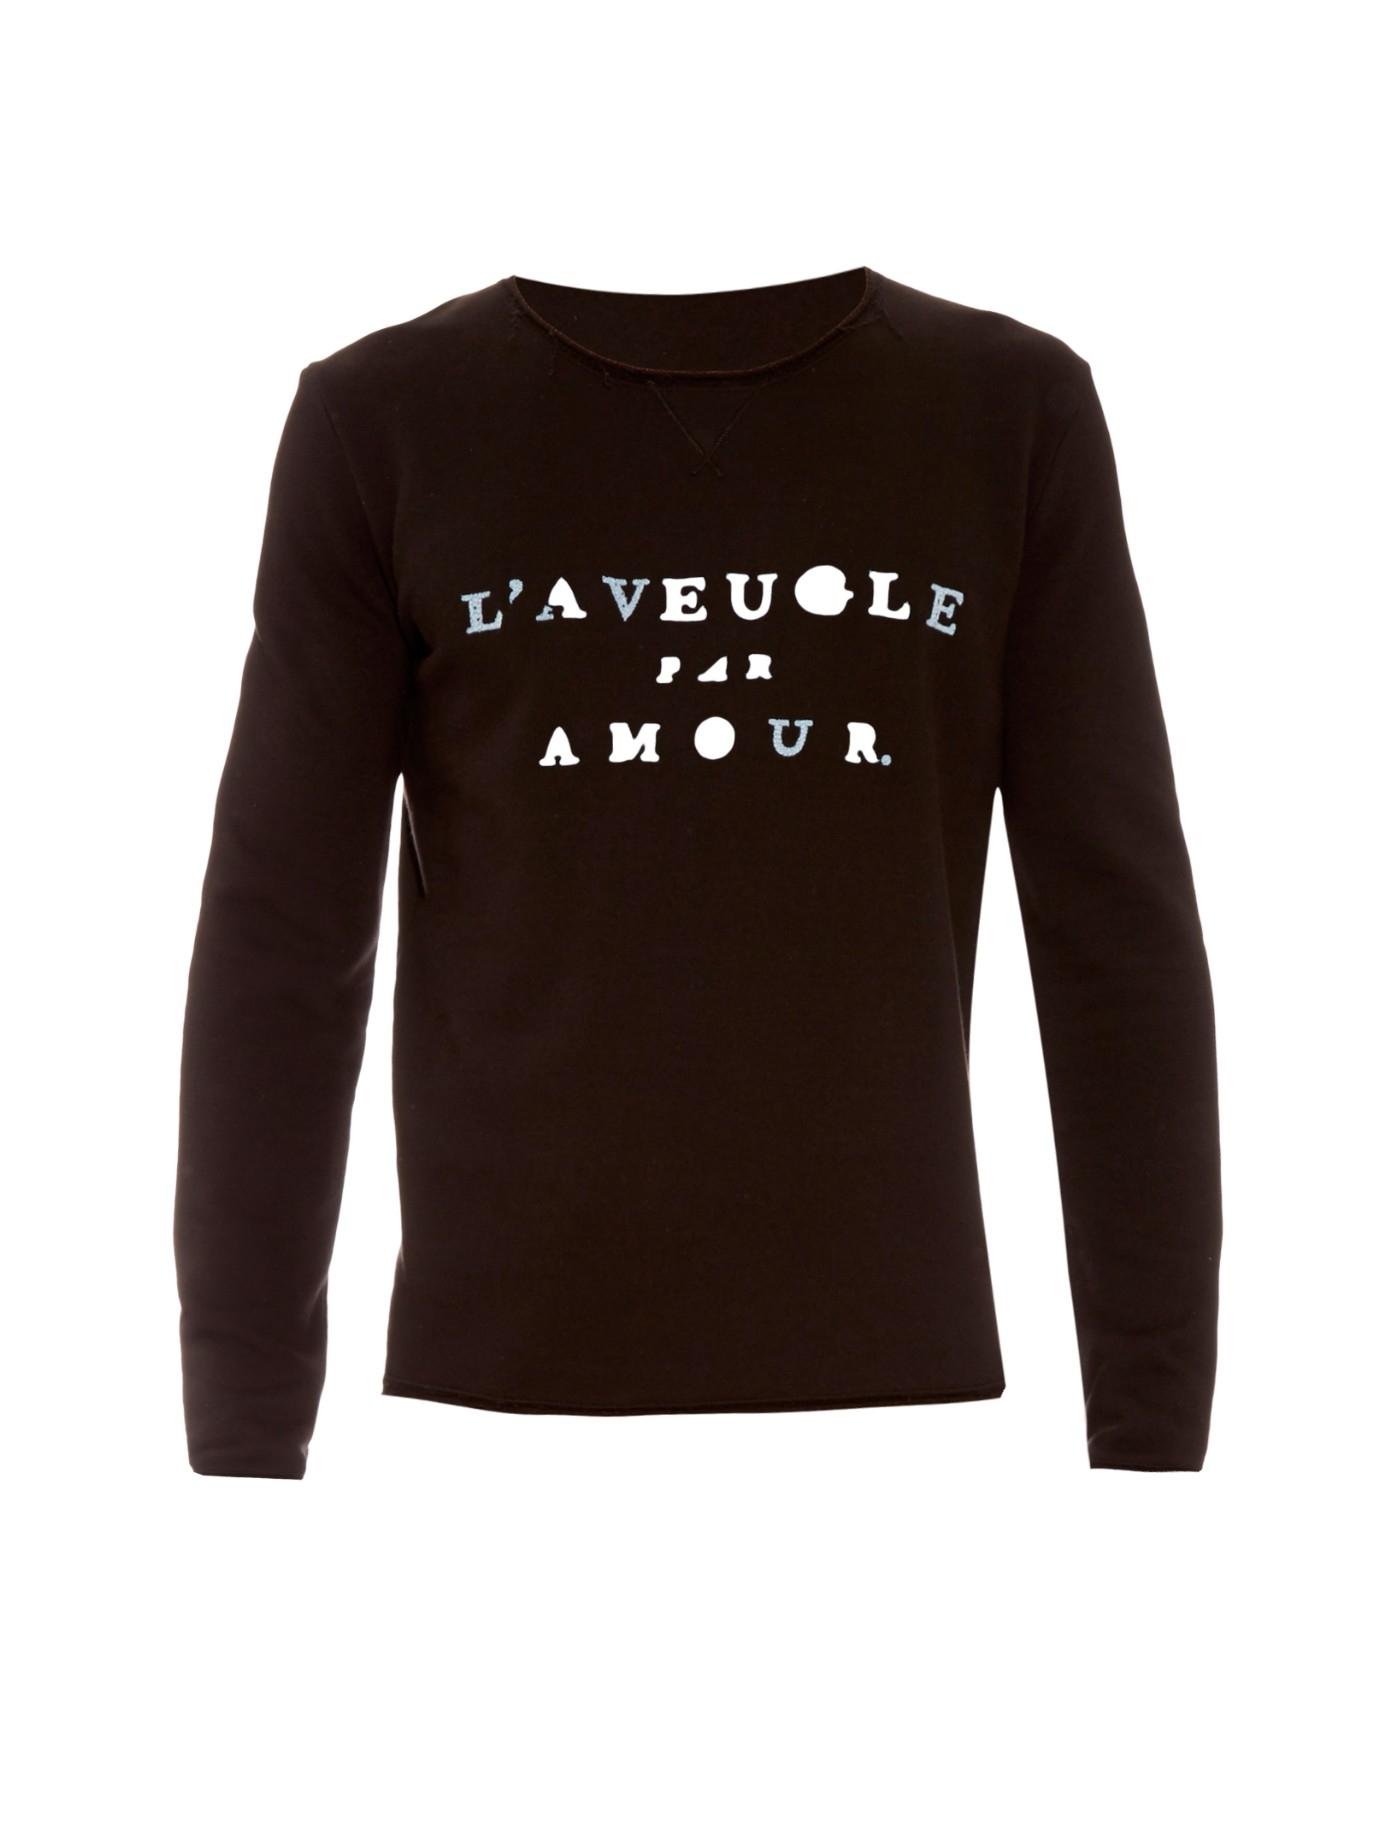 93965e6df3 Replica Gucci Sunglasses L aveugle Par Amour